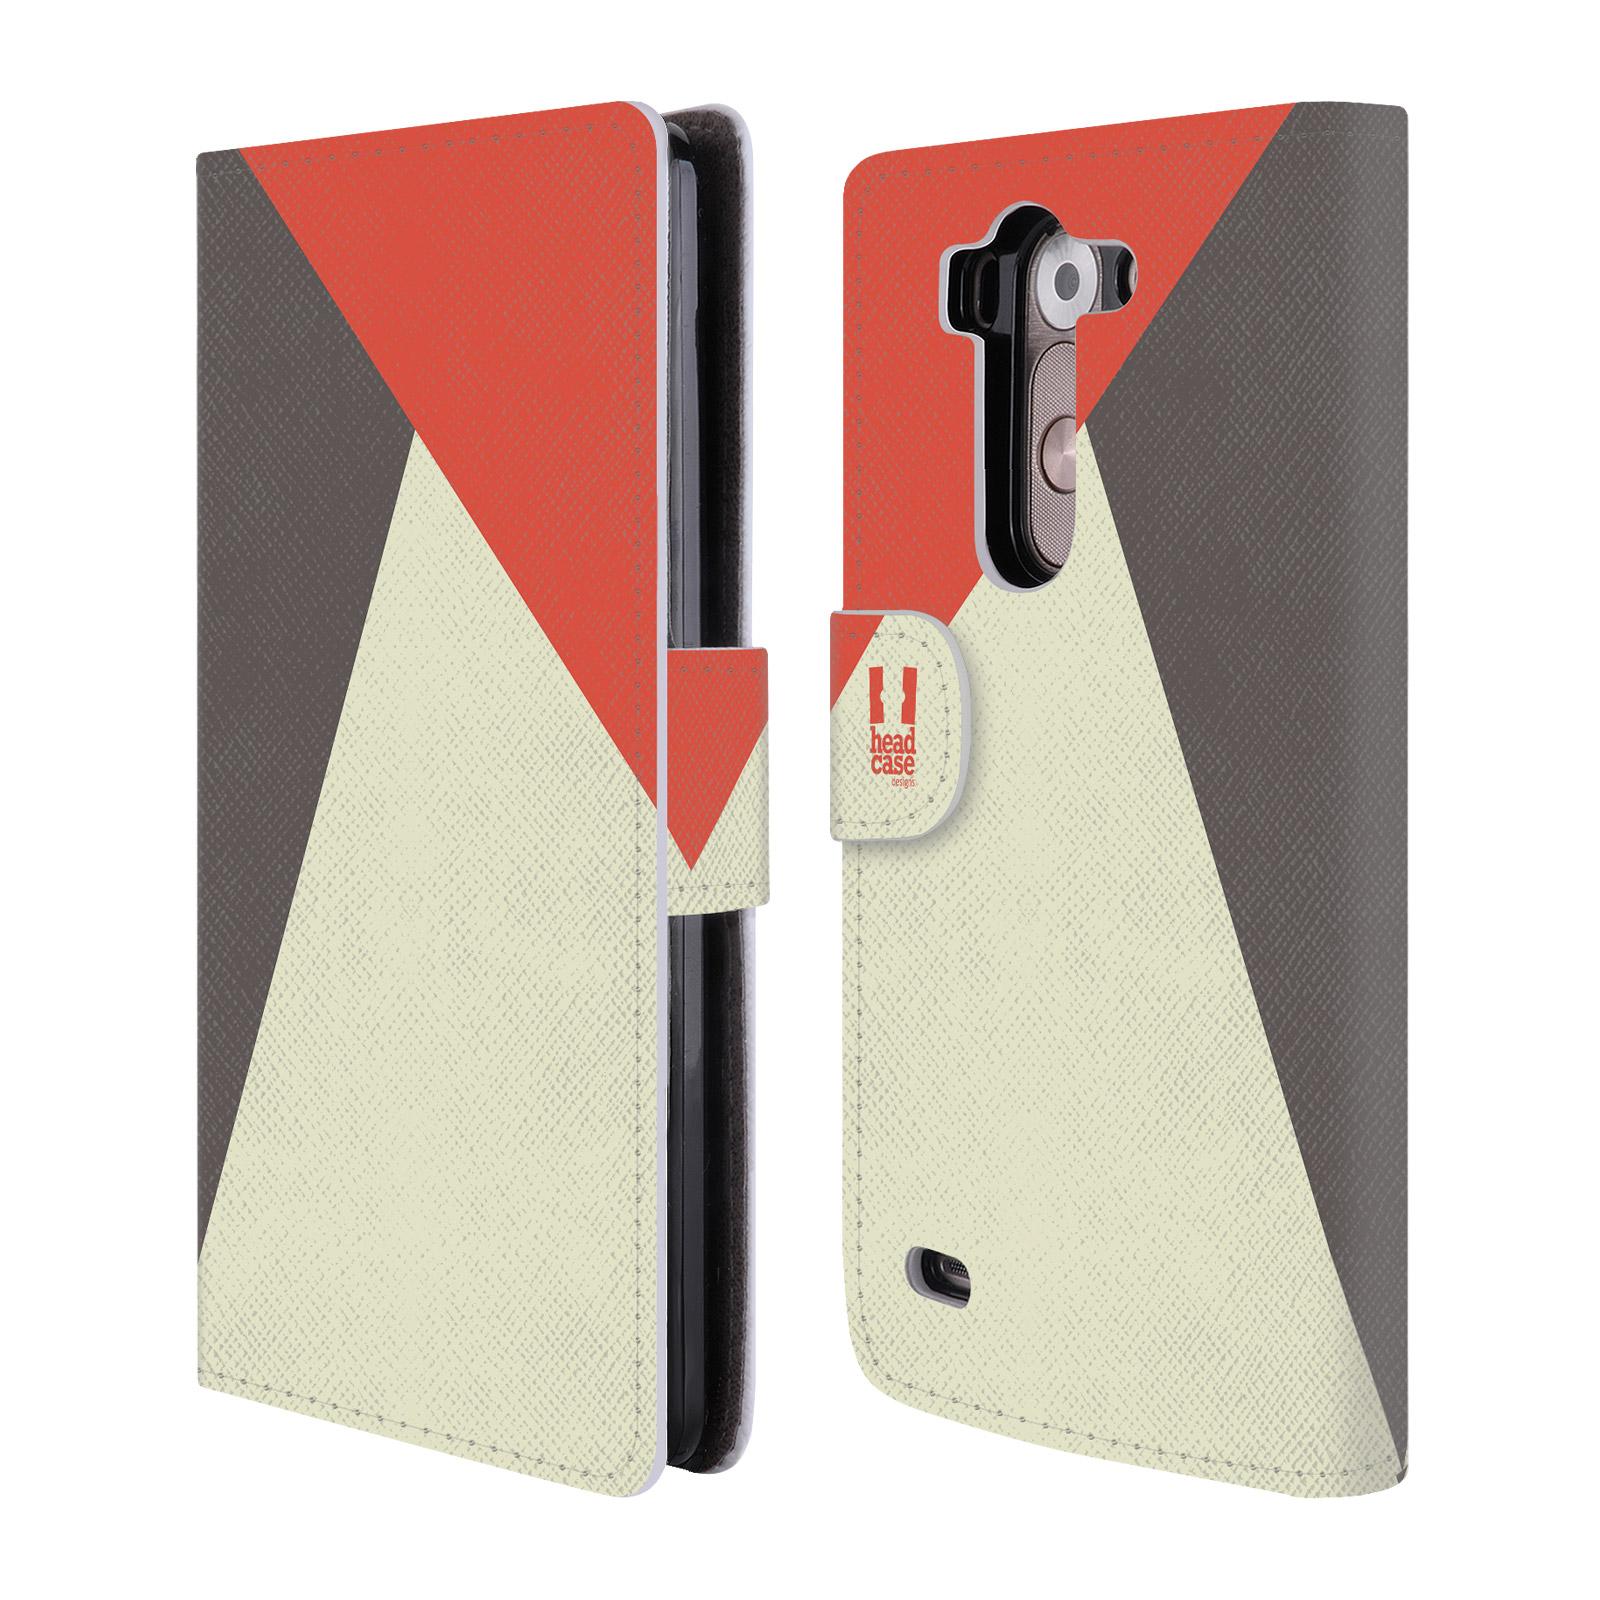 HEAD CASE Flipové pouzdro pro mobil LG G3s barevné tvary červená a šedá COOL